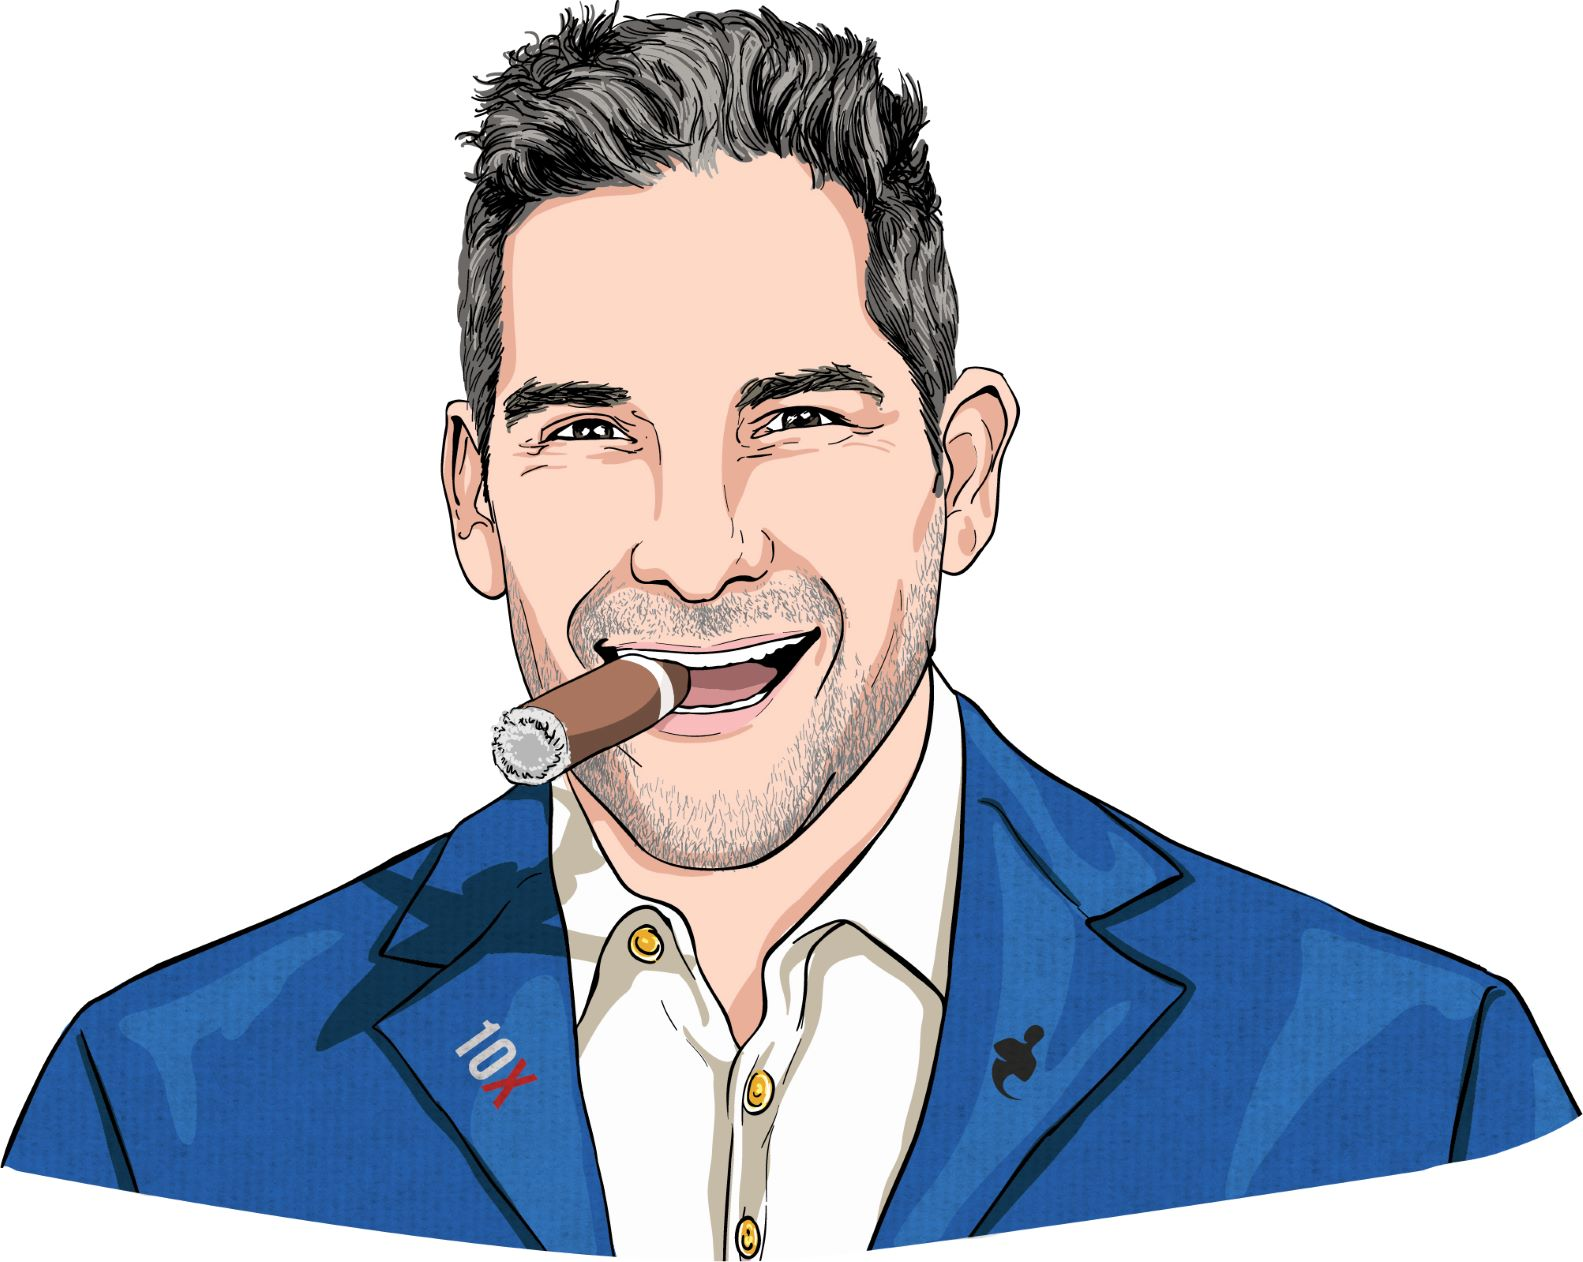 Chuyên gia khẳng định: Đầu tư bất động sản là thông minh nhất hiện nay - 3